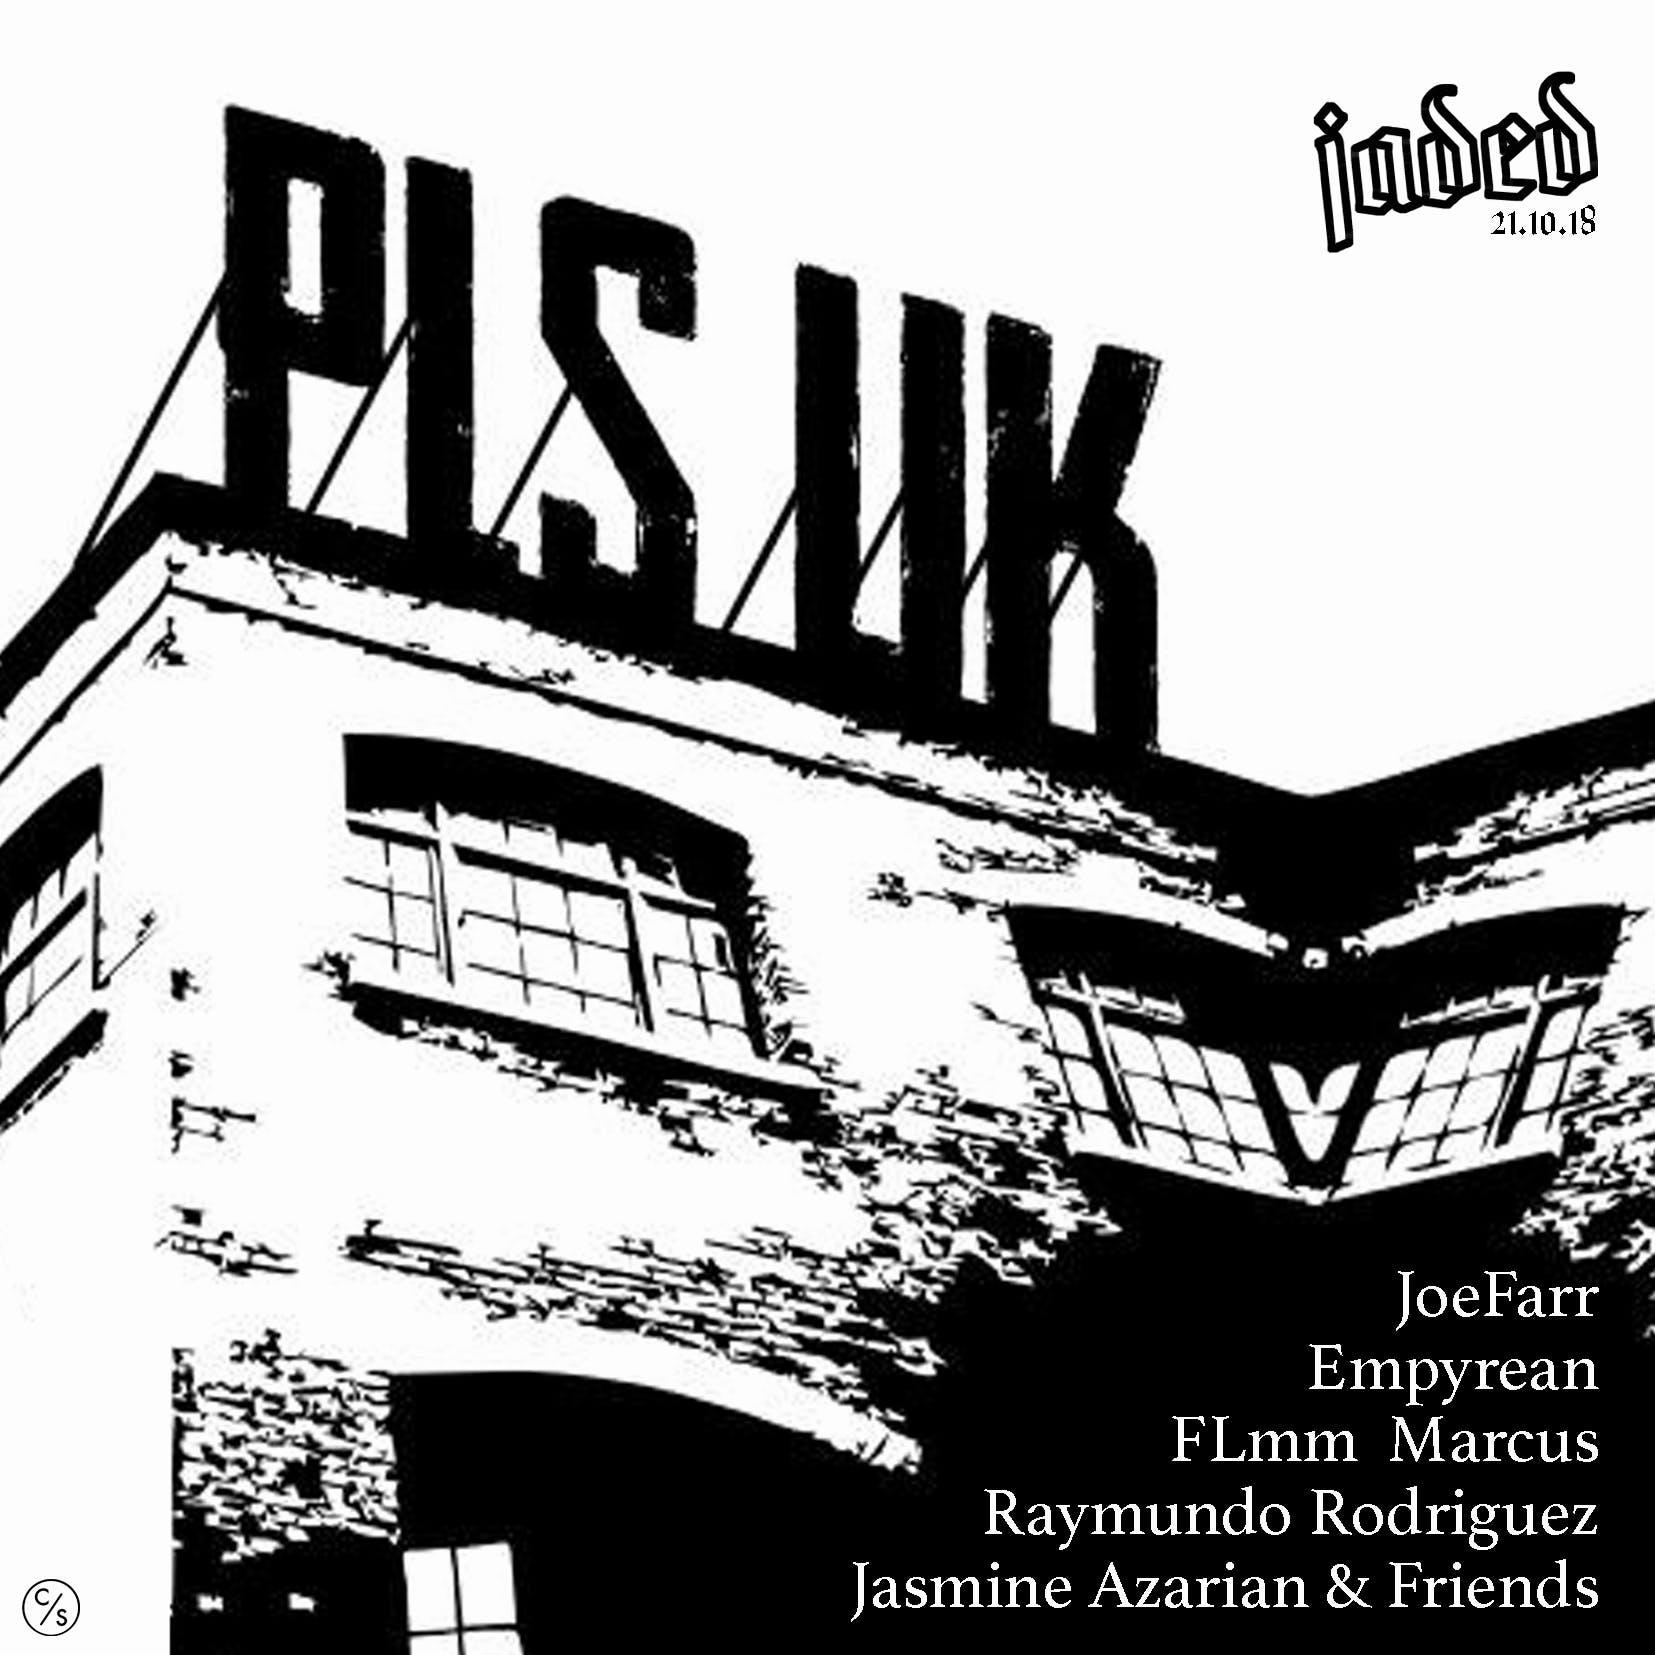 PLS.UK with JoeFarr & Marcus Announced